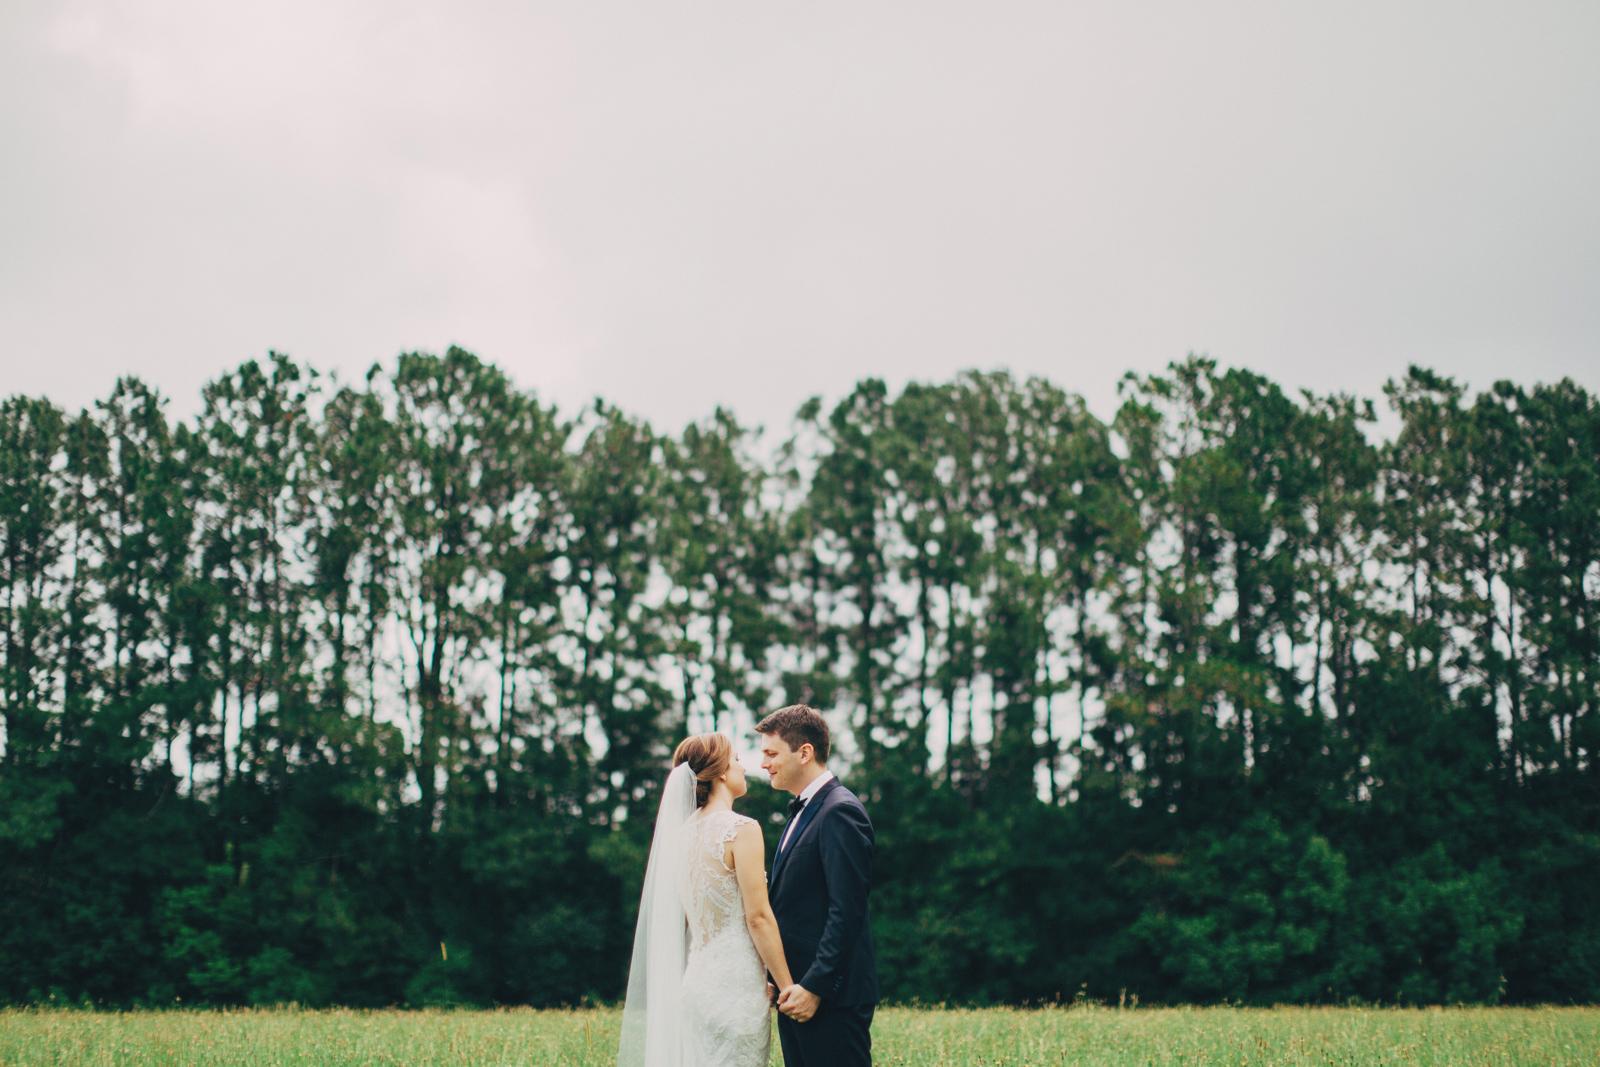 Hilary-&-Darren-Married---0473